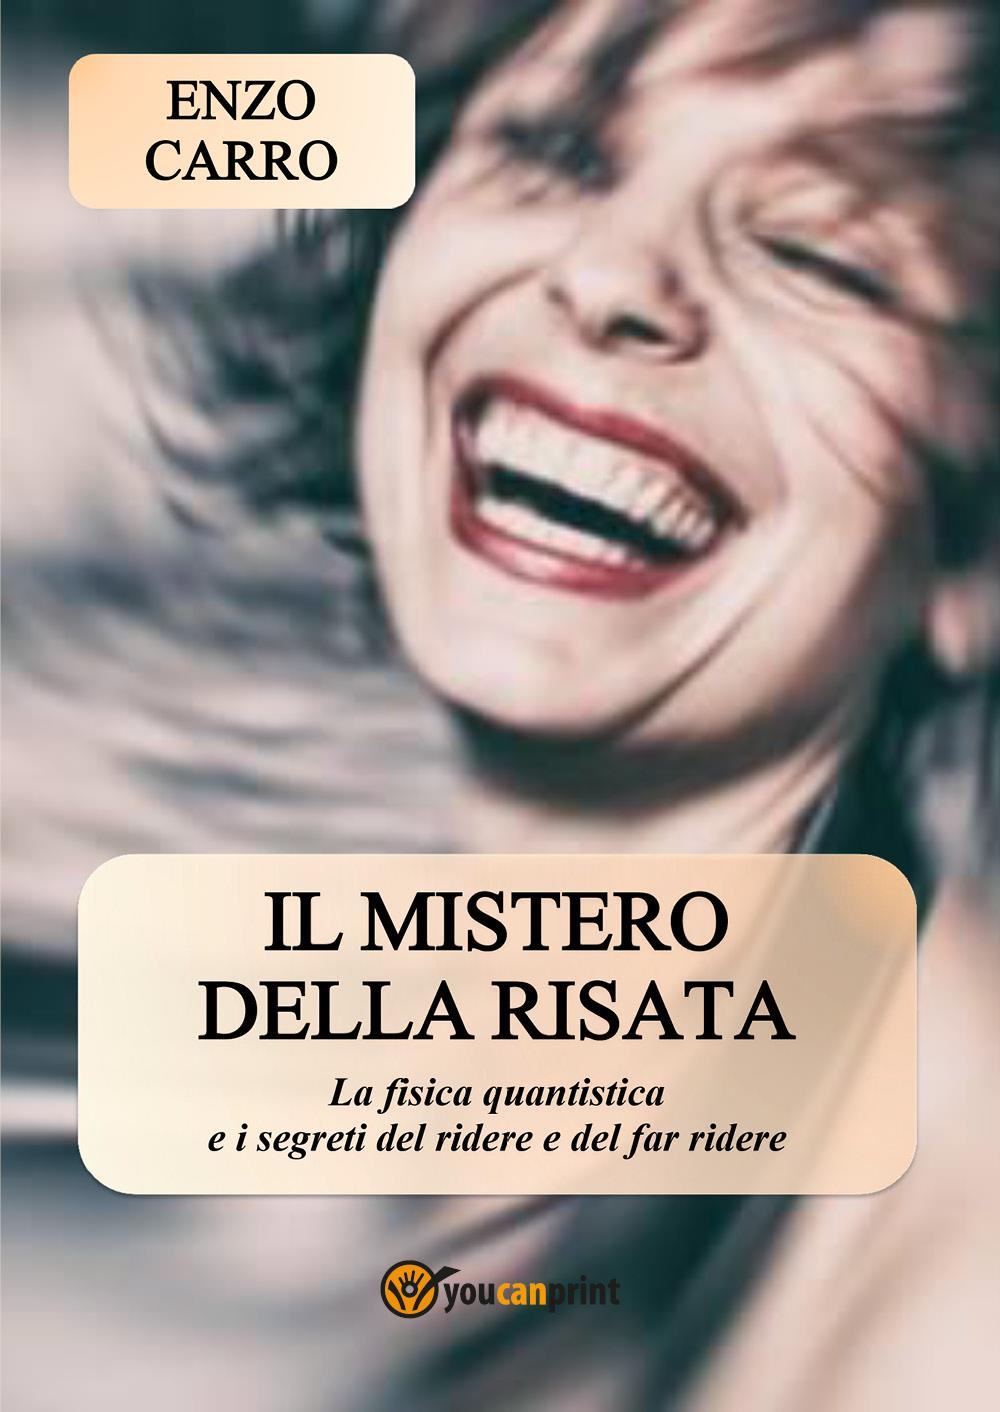 Il mistero della risata. La fisica quantistica e i segreti del ridere e del far ridere